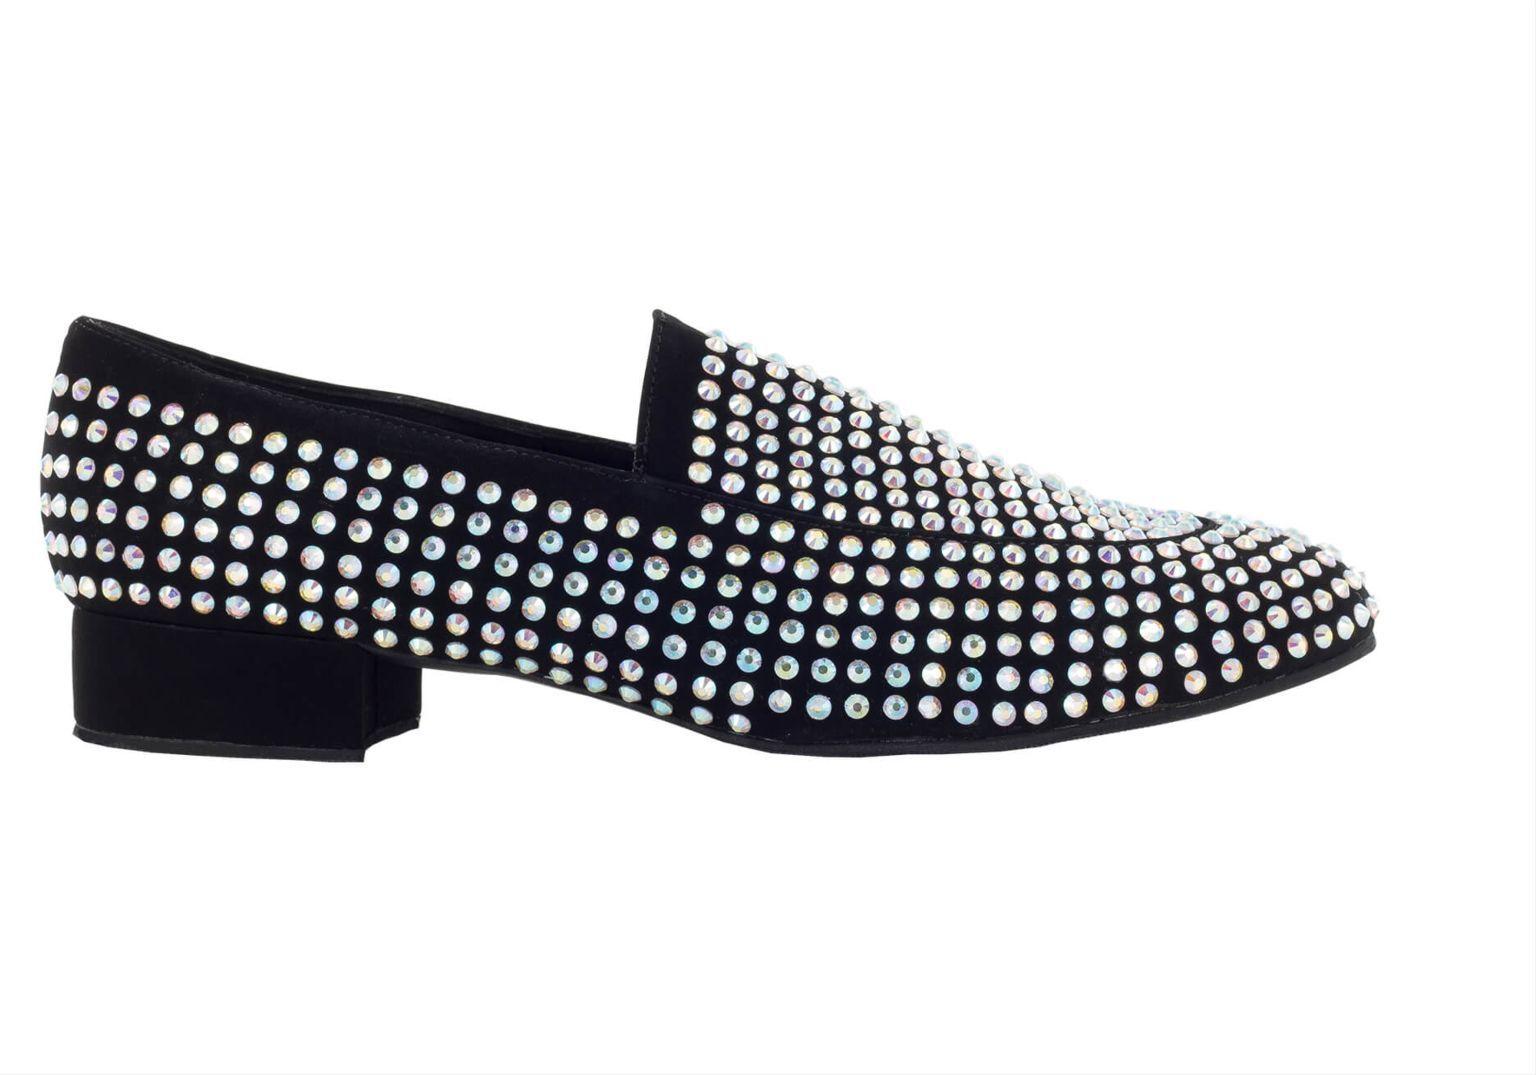 Mocasín Danc'in en negro cubierto de Crystal Strass con Tacón de 2'5cm